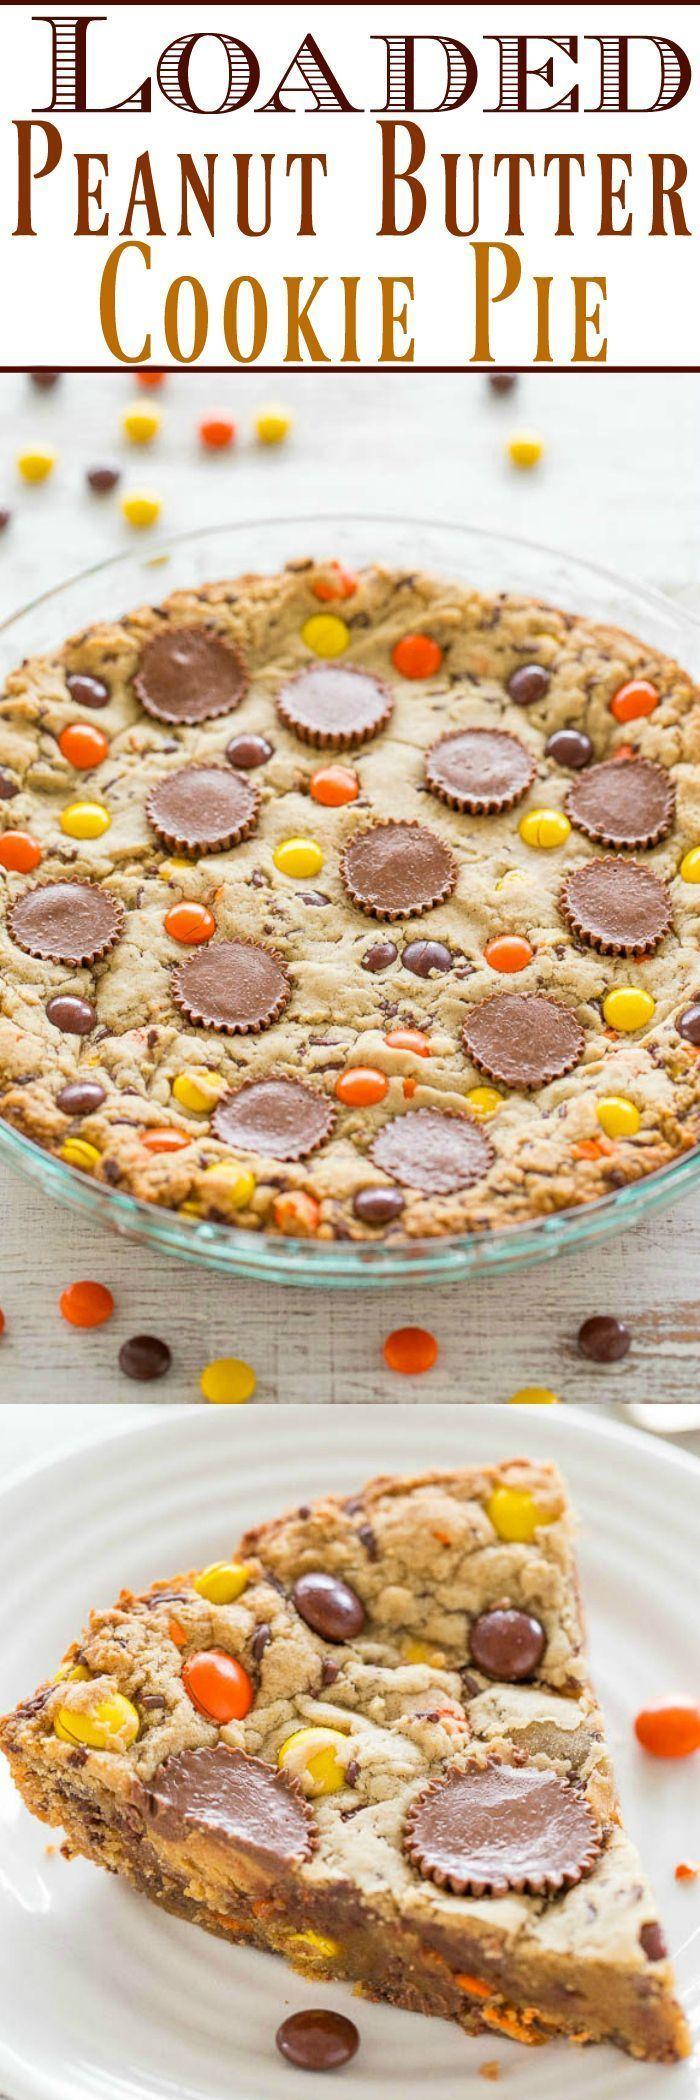 Loaded Peanut Butter Cookie Pie